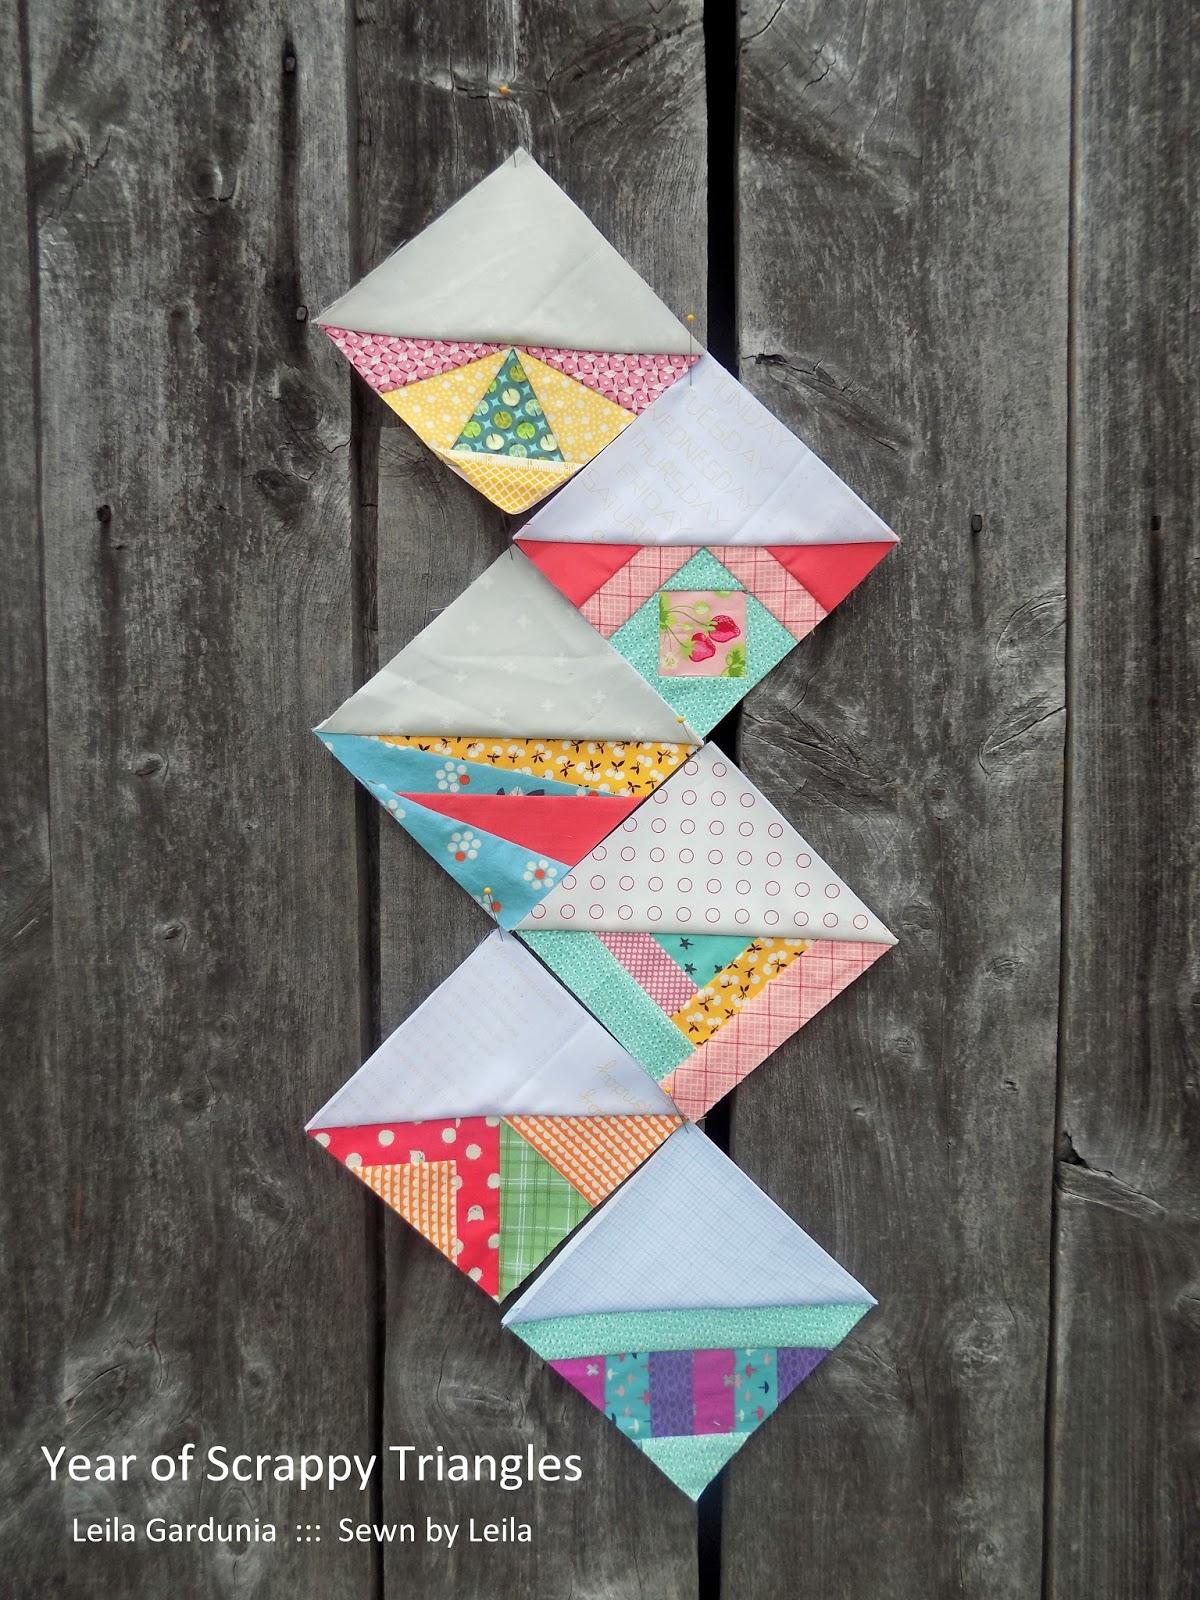 Sewn By Leila Gardunia Year Of Scrappy Triangles